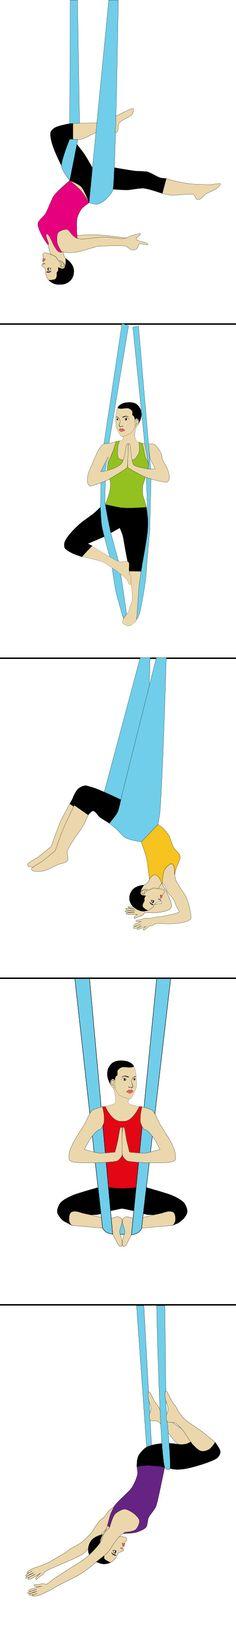 Aerial Yoga Poses. #aerialyoga